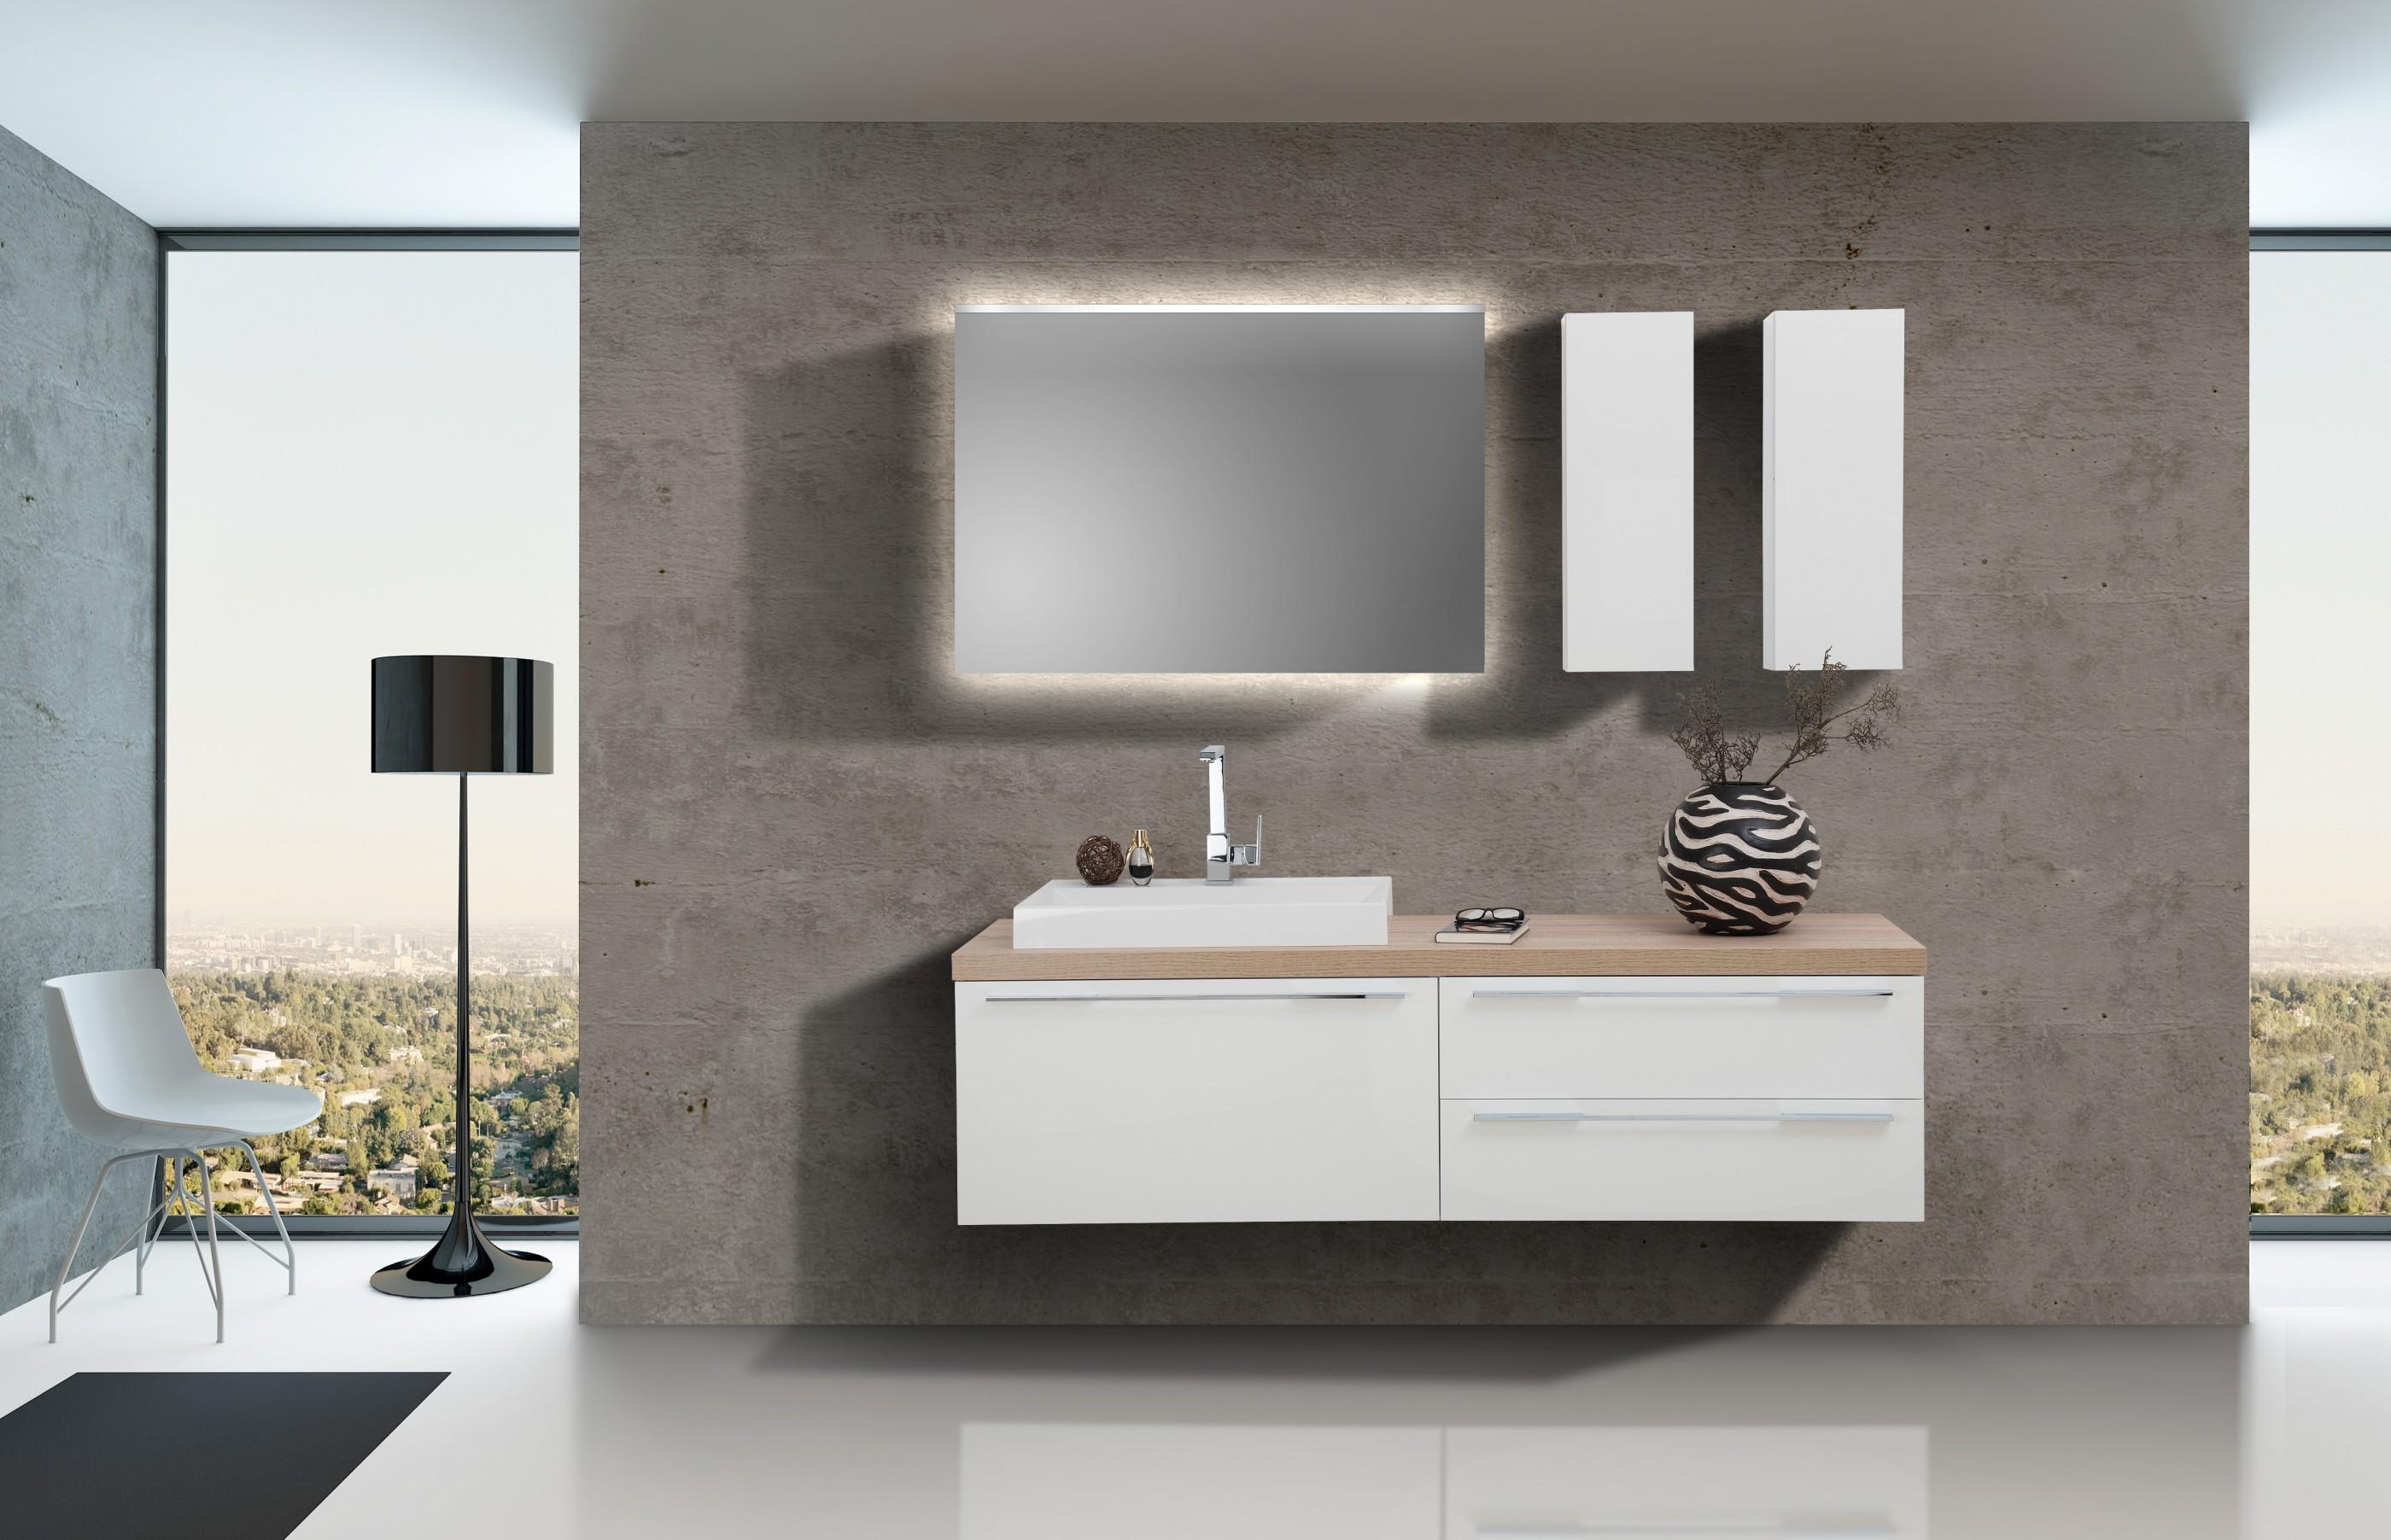 aufsatzwaschtisch mit unterschrank wohndesign aufsatzwaschtisch mit unterschrank plant mit. Black Bedroom Furniture Sets. Home Design Ideas